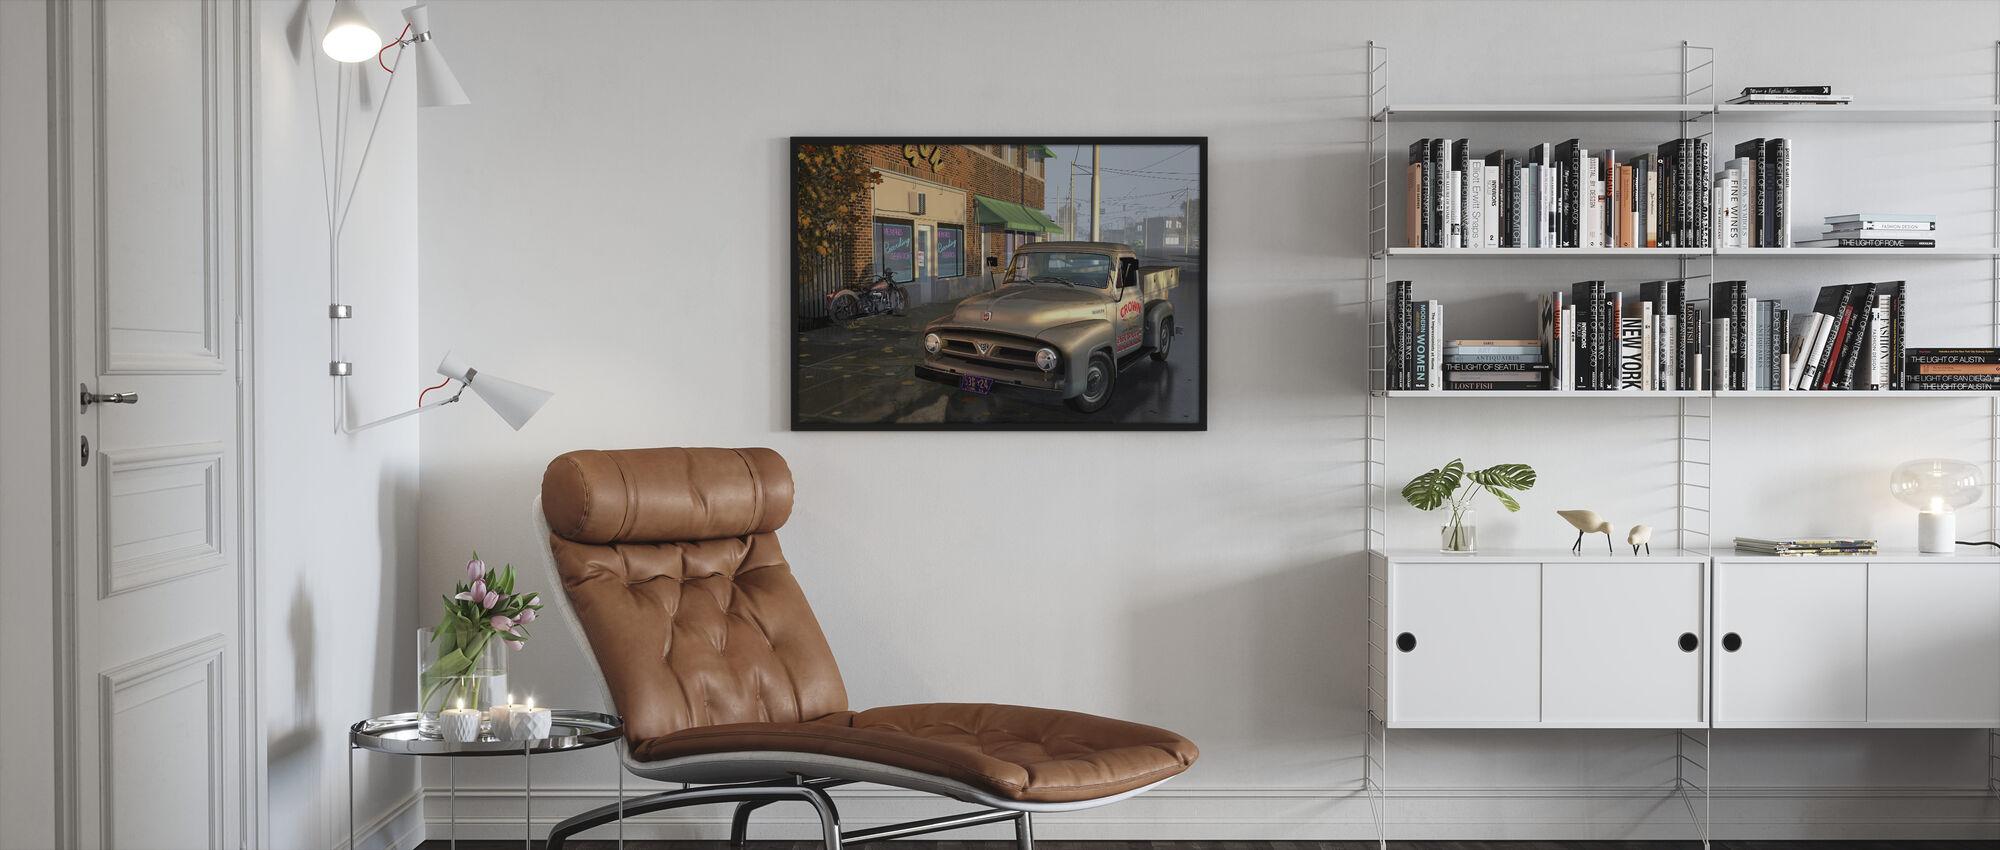 Lastbil - Inramad tavla - Vardagsrum